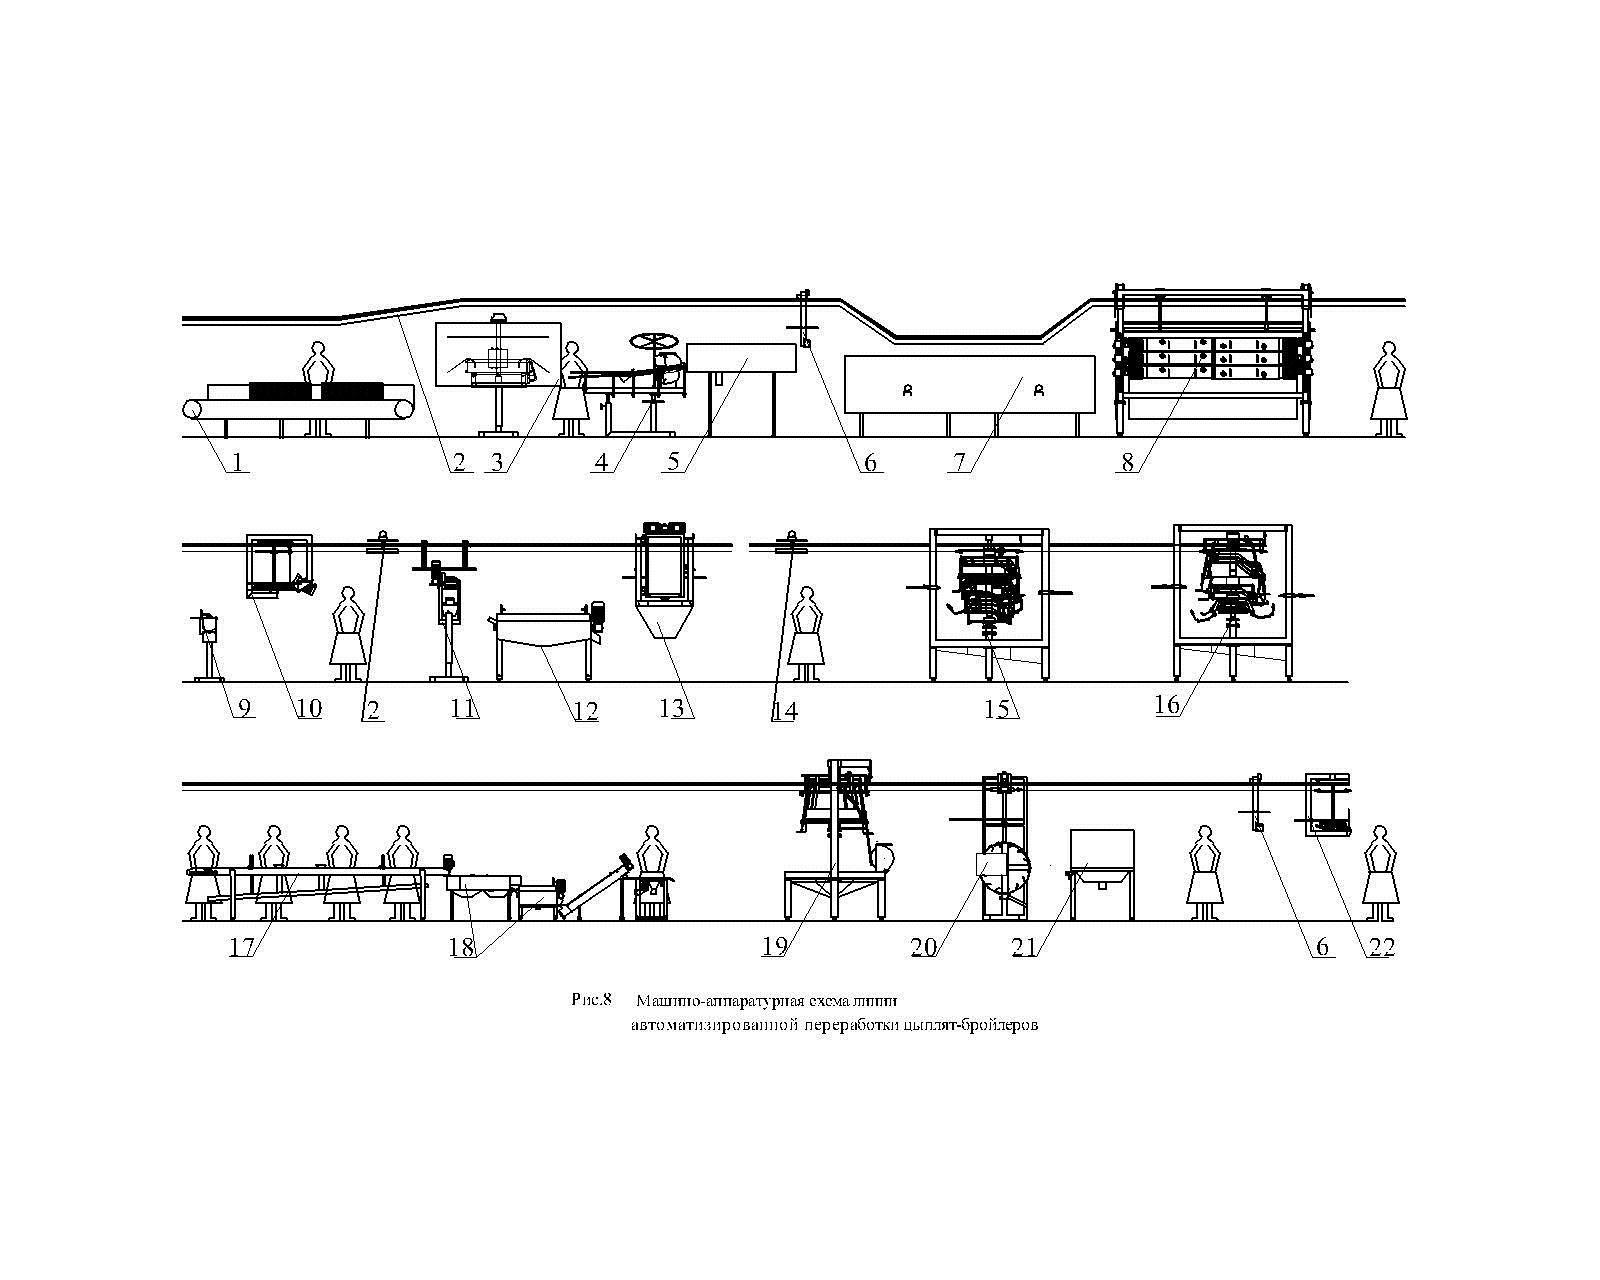 машино-аппаратурная схема линии автоматизированной переработки  цыплят-бройлеров